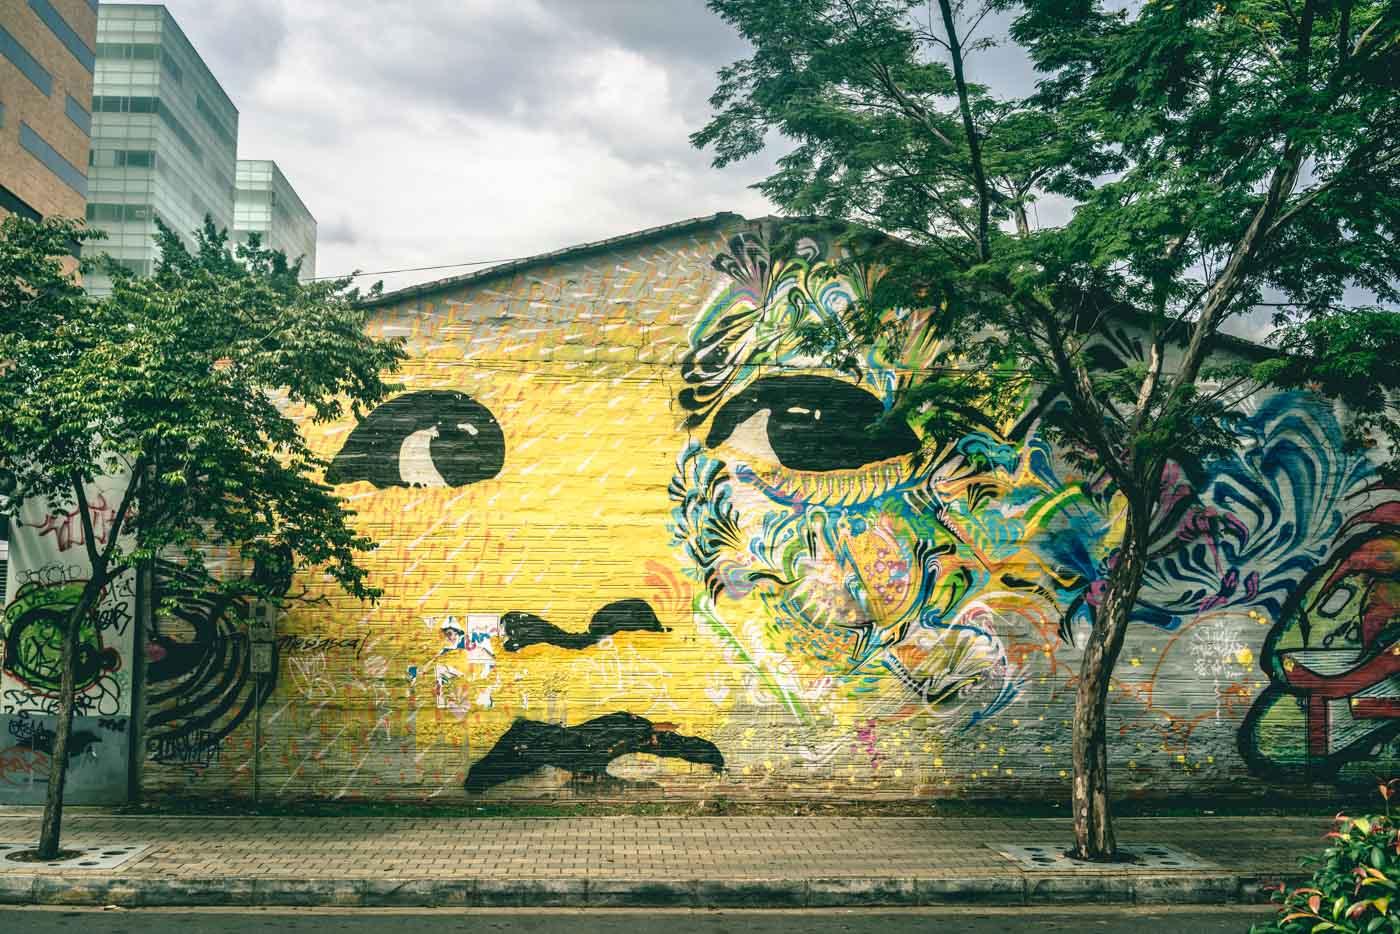 Travel in Colombia: Graffiti in Medellin, Colombia